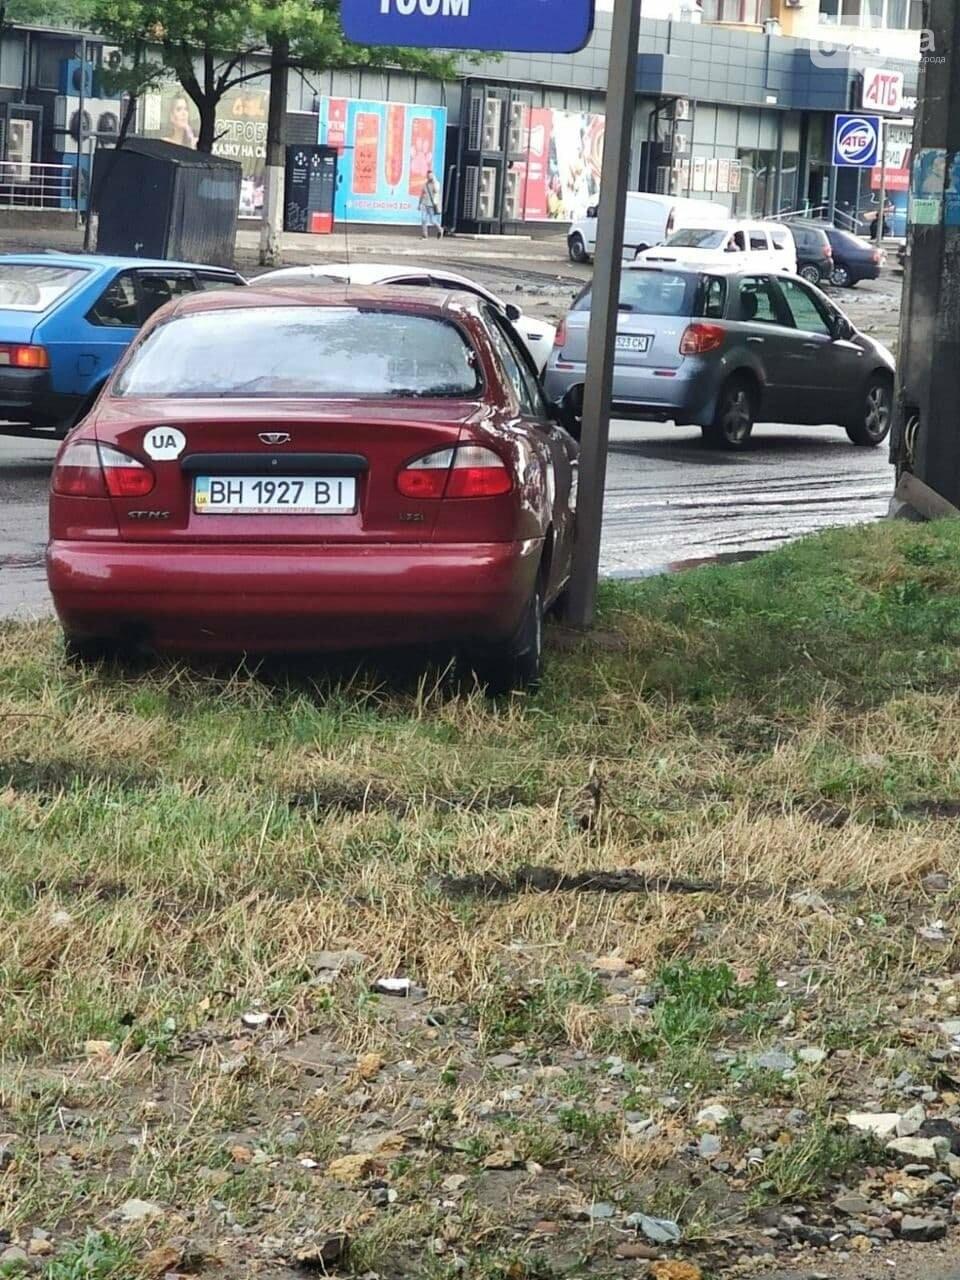 Ливень в Одессе: на ул. Балковской стихия затопила и помяла автомобили,- ФОТО, ВИДЕО, фото-4